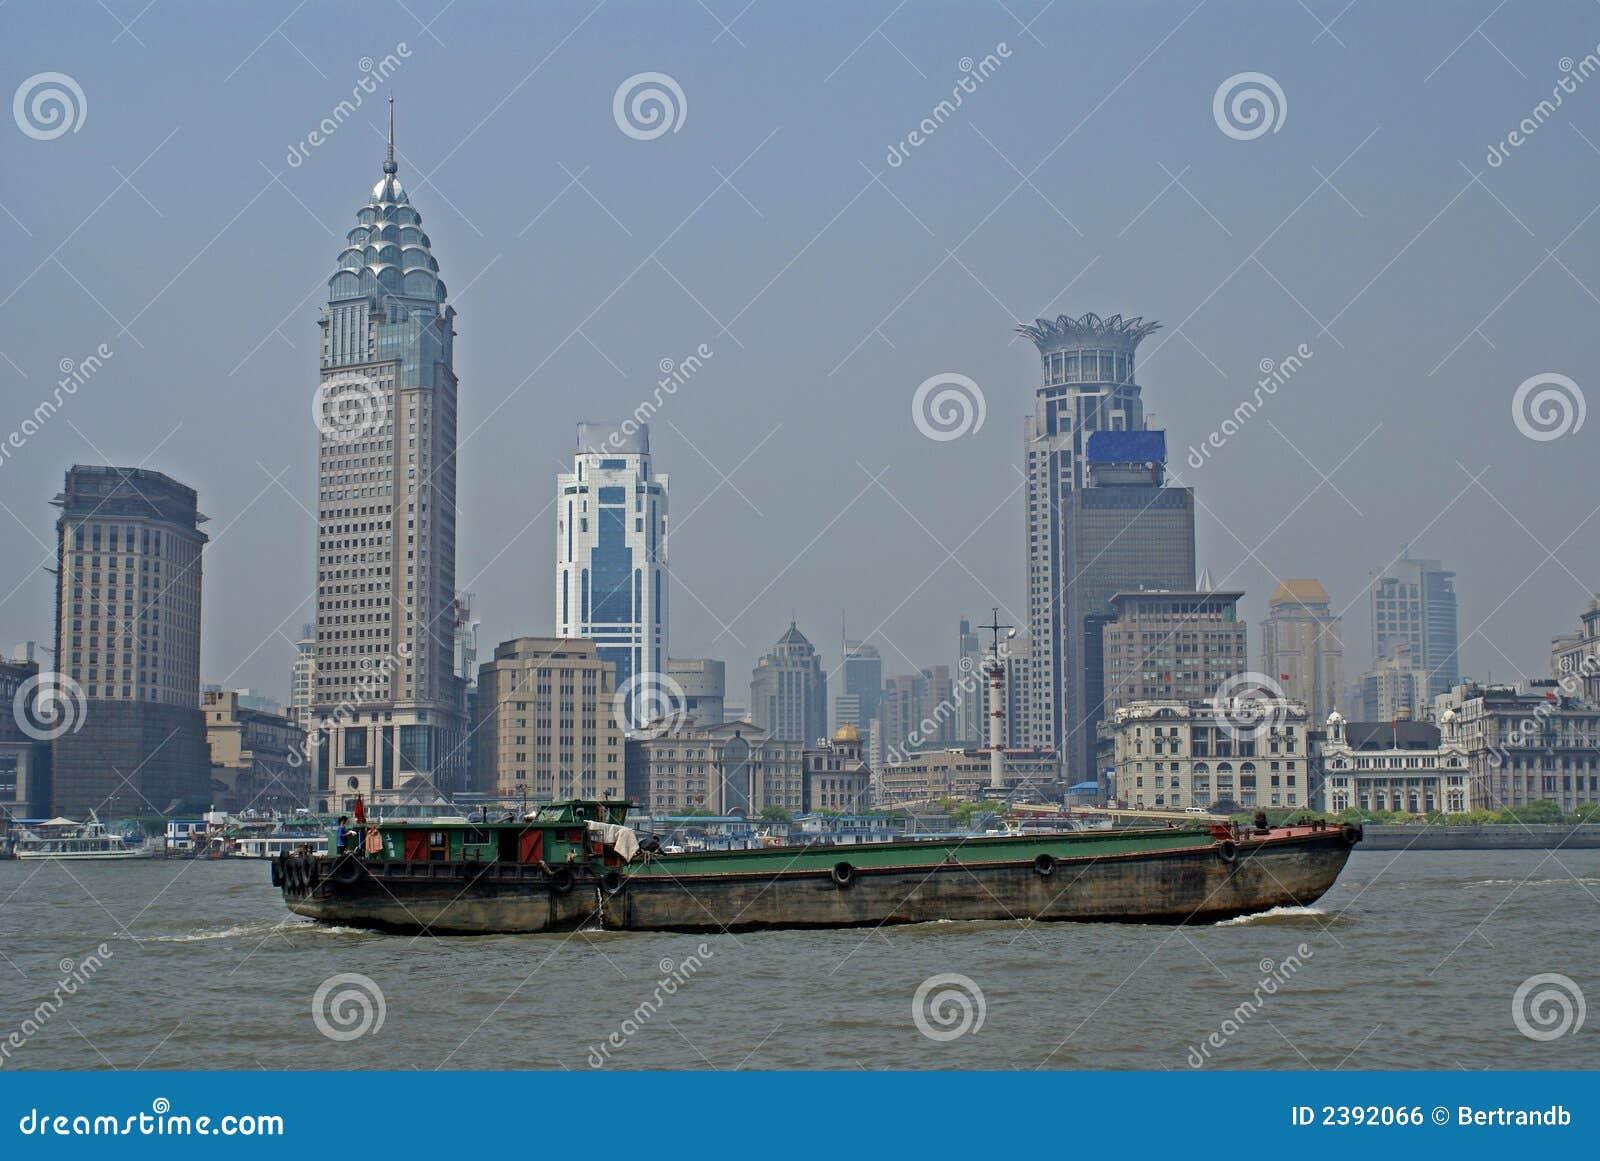 Cargo ship in Shanghai